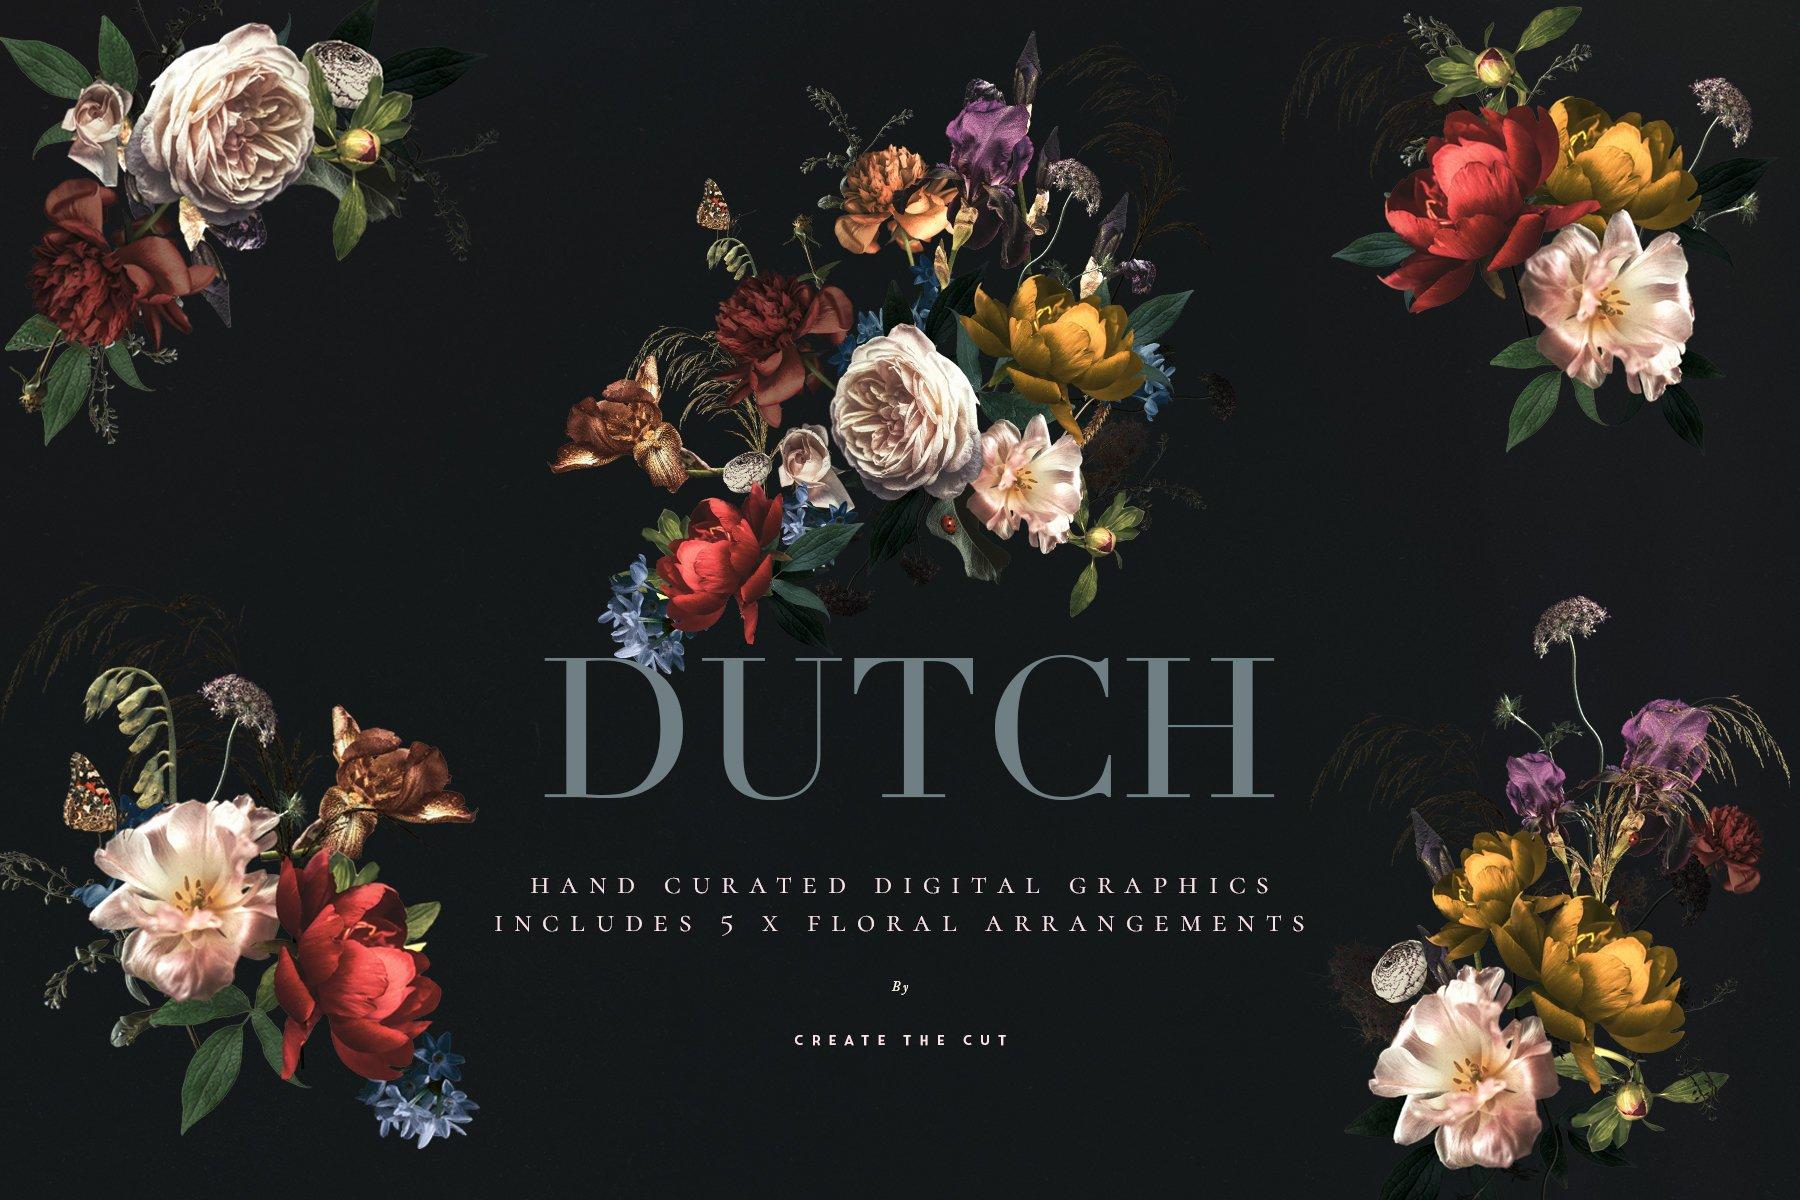 奢华复古宫廷花卉植物海报视觉设计PNG图片素材 Vintage Floral Clip Art – Dutch插图(5)